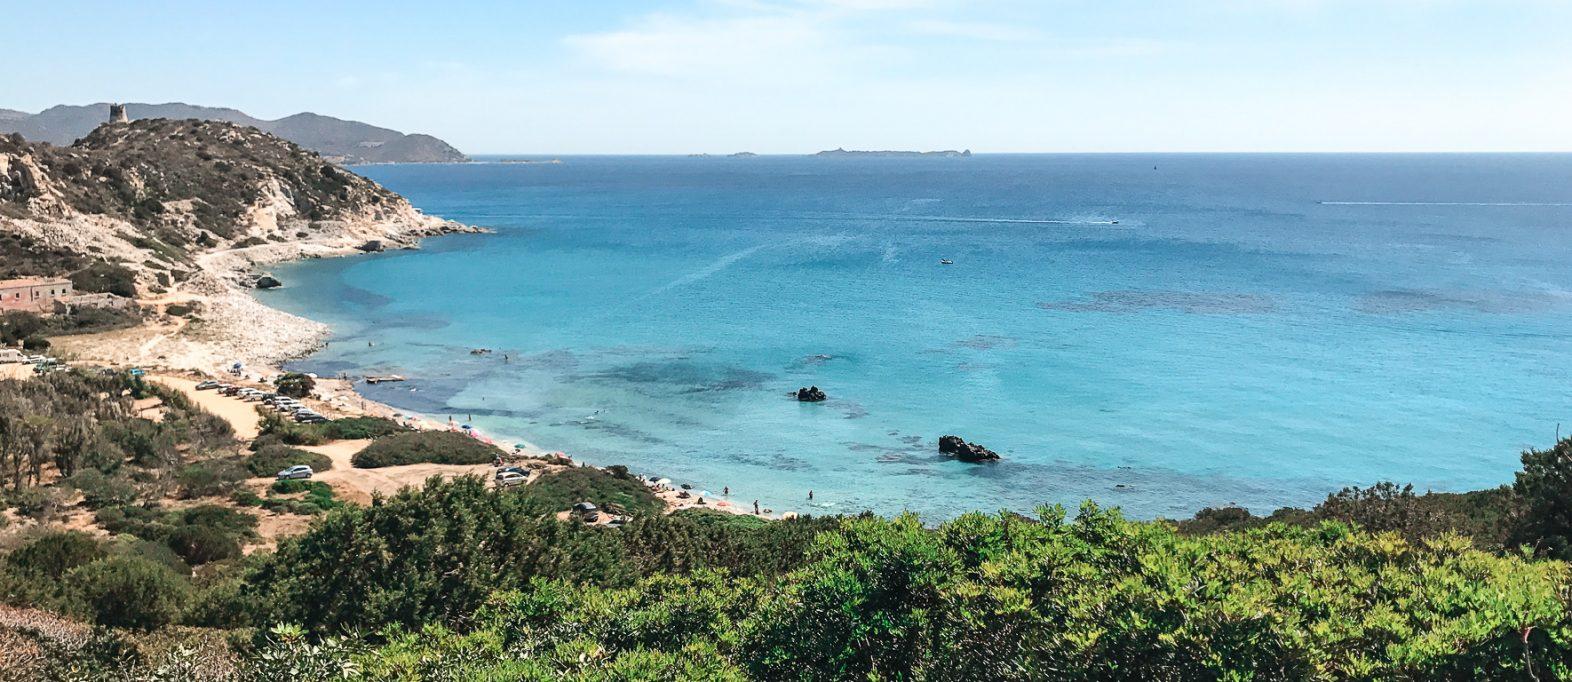 Küste im Süden Sardinien